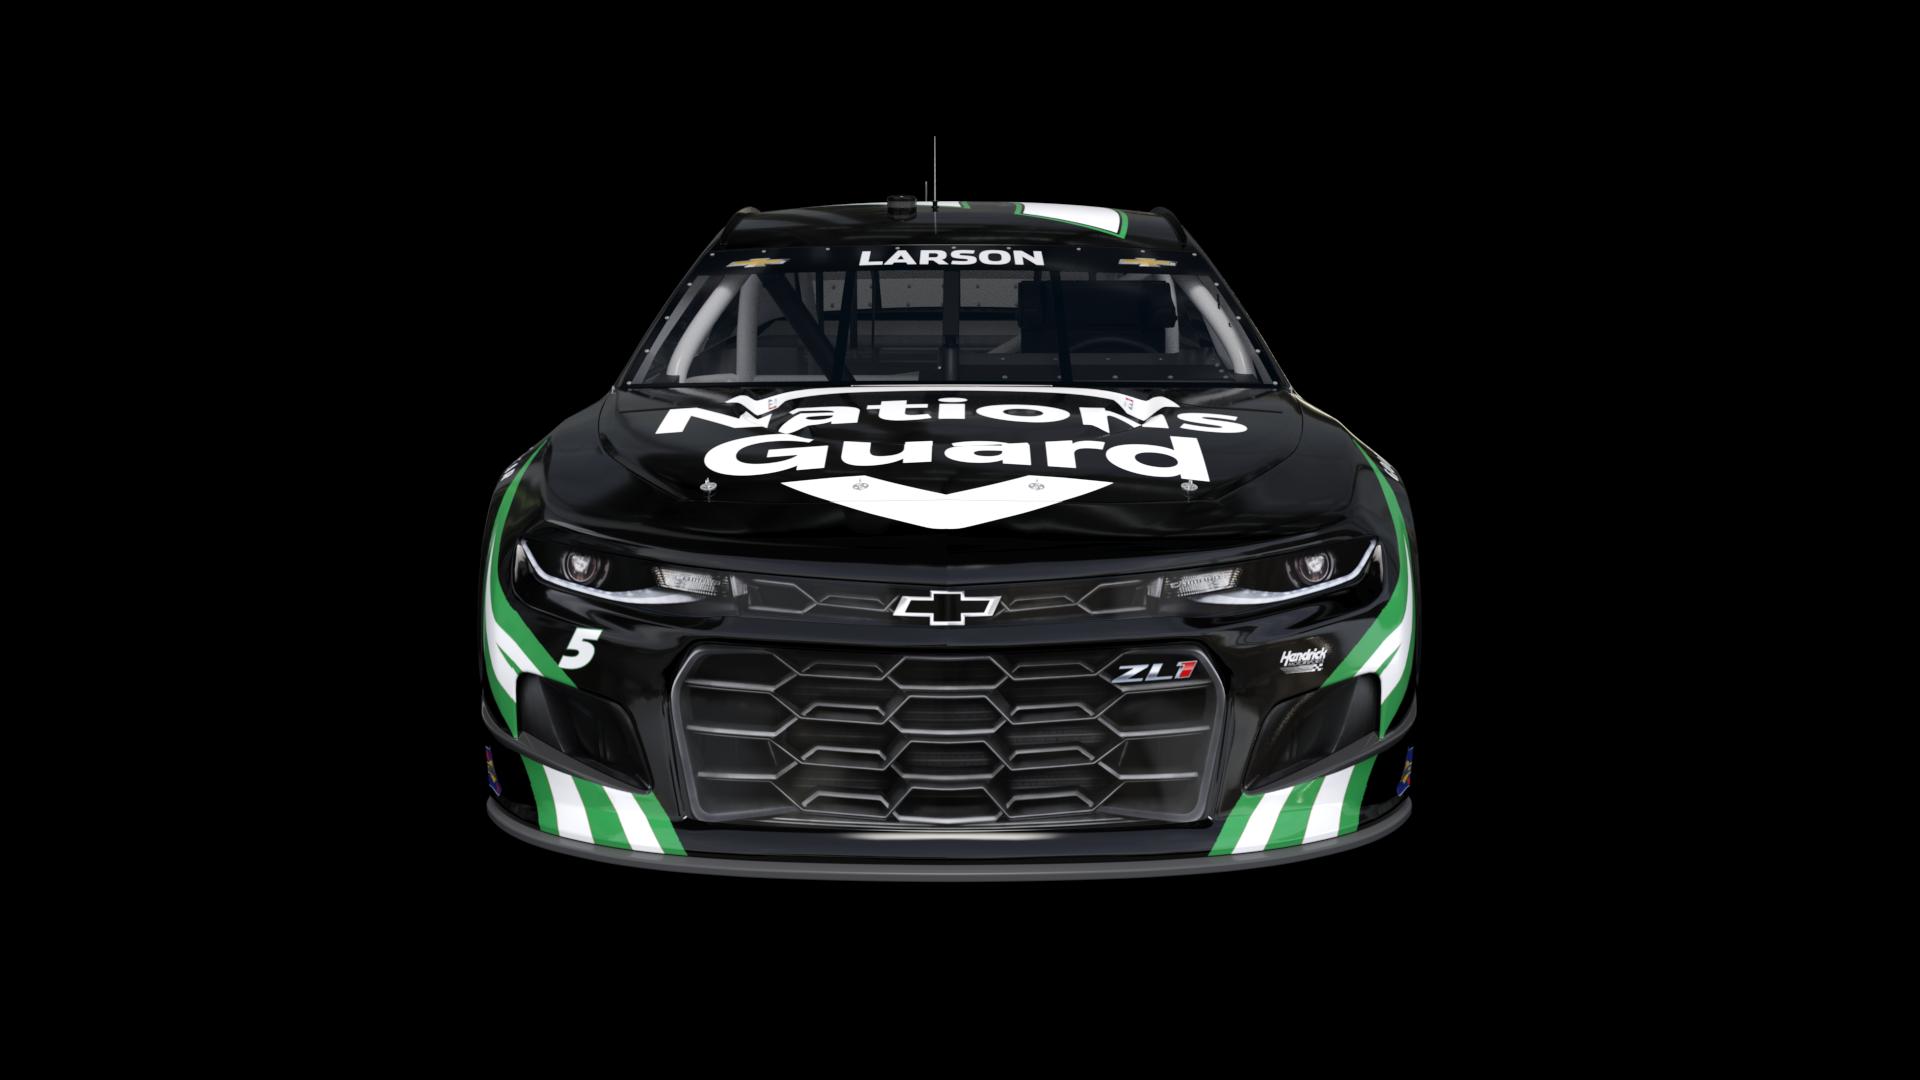 NASCAR no 5 paint scheme - Kyle Larson